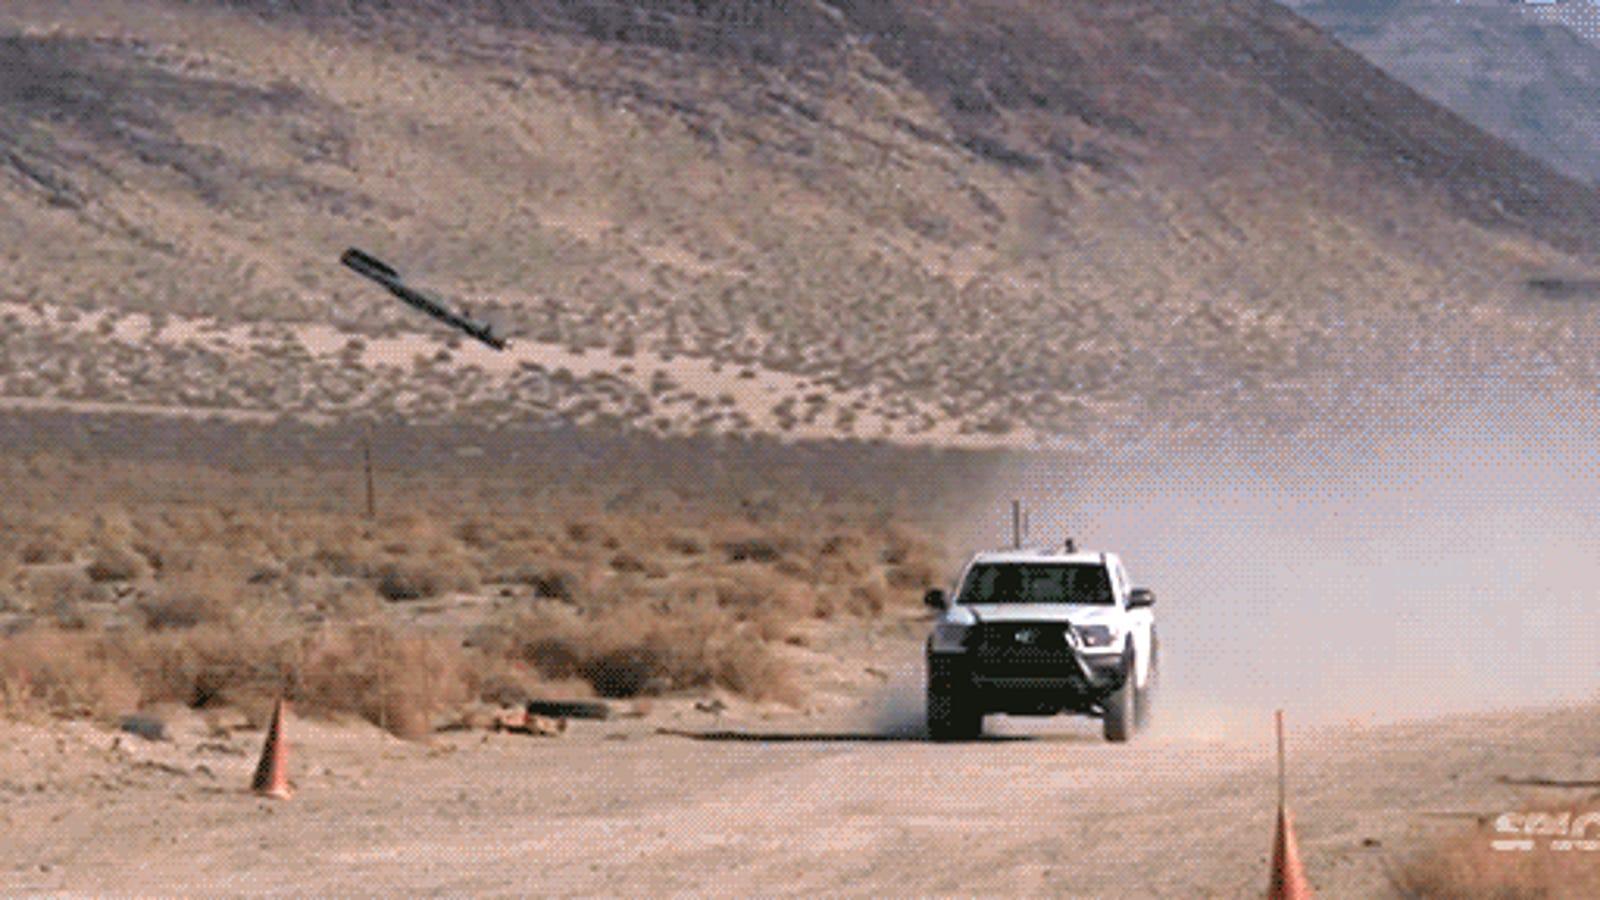 Cómo impacta un misil teledirigido en su objetivo, a cámara superlenta